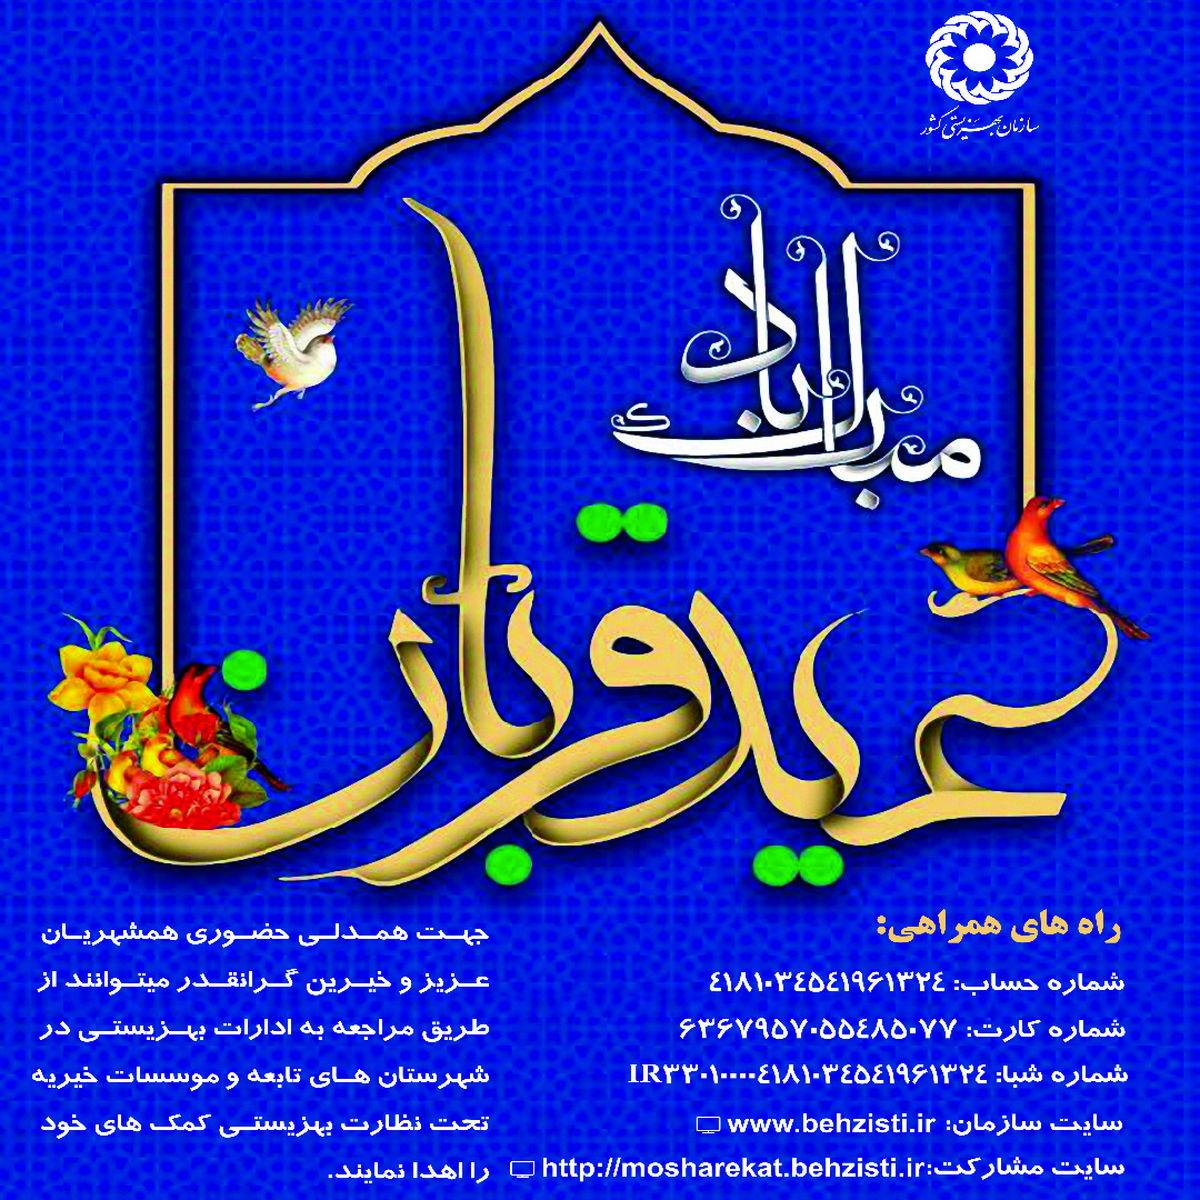 آمادگی بهزیستی البرز برای دریافت نذورات مردمی در عید سعید قربان+پل های ارتباطی